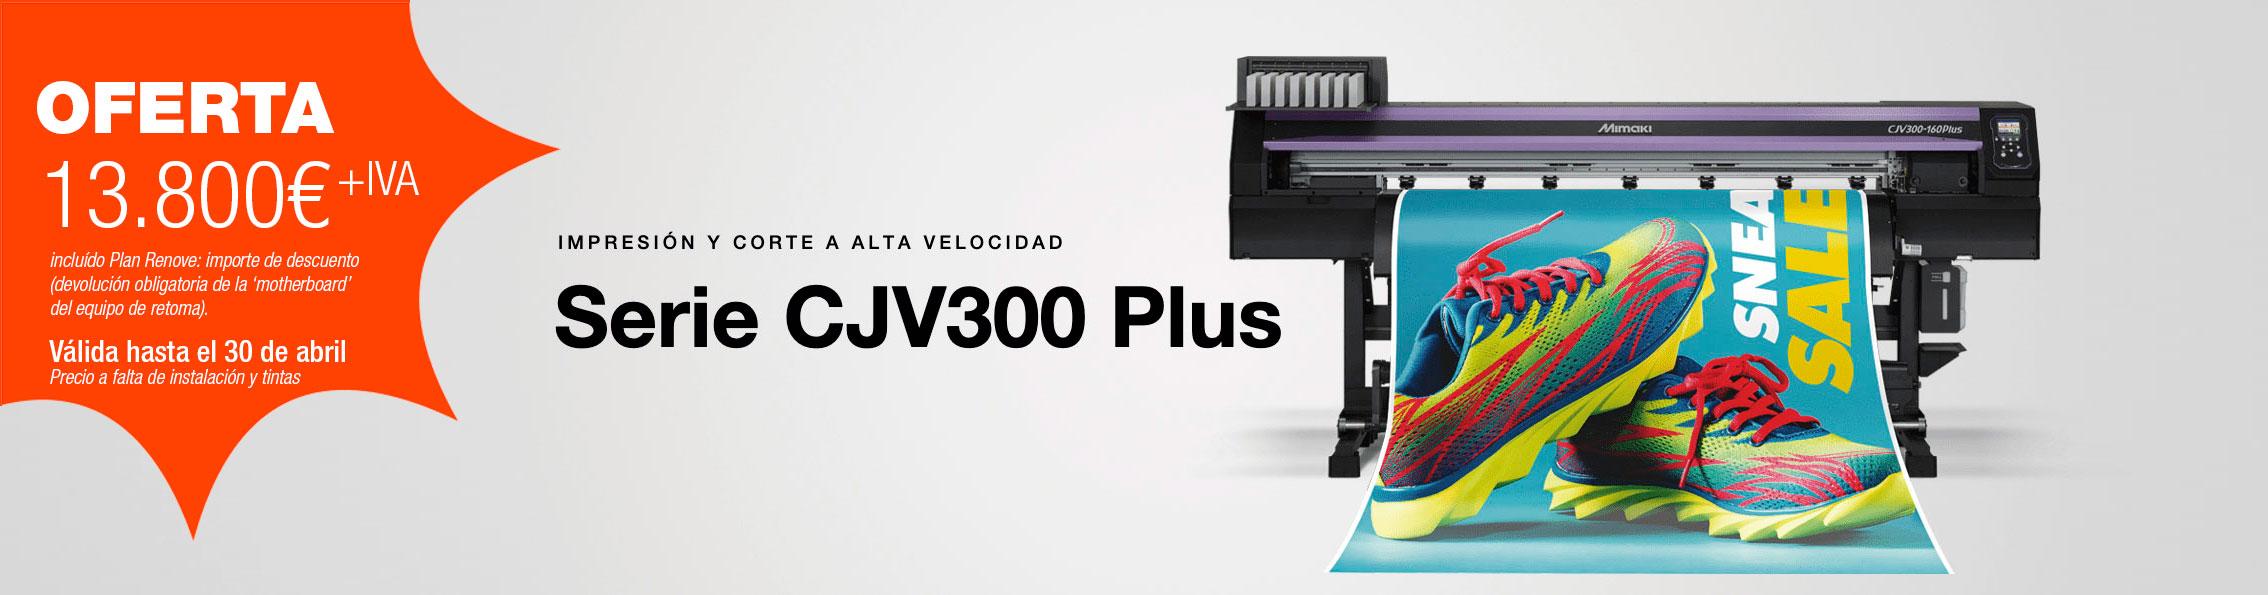 OFERTAS-CJV300PLUS